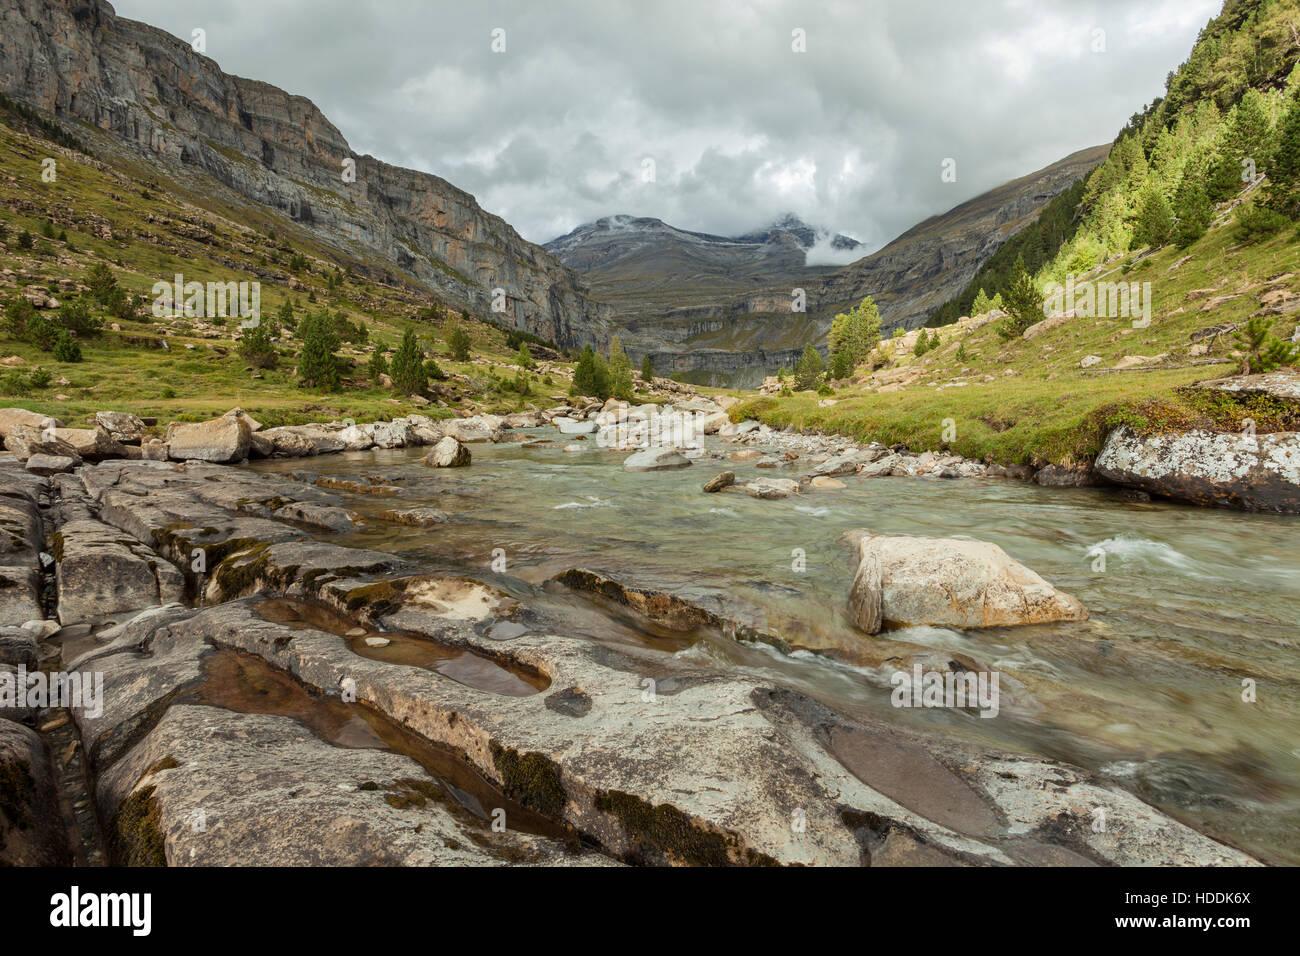 Herbstnachmittag im Ordesa y Monte Perdido Nationalpark Pyrenäen, Spanien. Stockbild